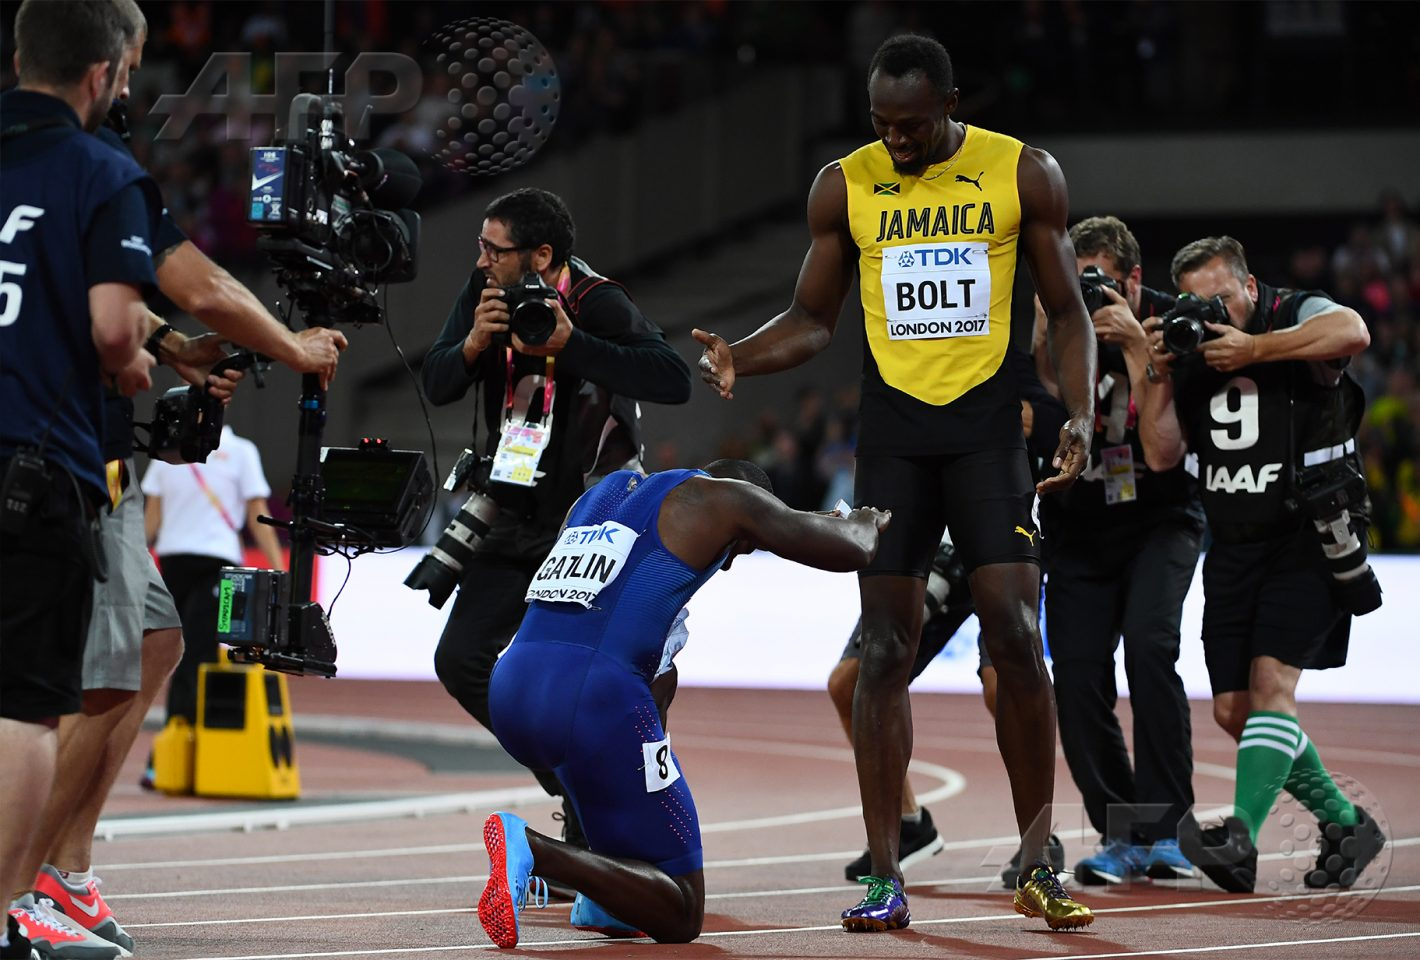 AFP 8 / ROYAUME-UNI 5 août 2017 - Londres, Royaume-Uni - L'Américain Justin Gatlin s'agenouille devant Usain Bolt après avoir remporté la finale du 100m aux Championnats du monde d'athlétisme. Bolt prend la troisième place. AFP / JEWEL SAMAD